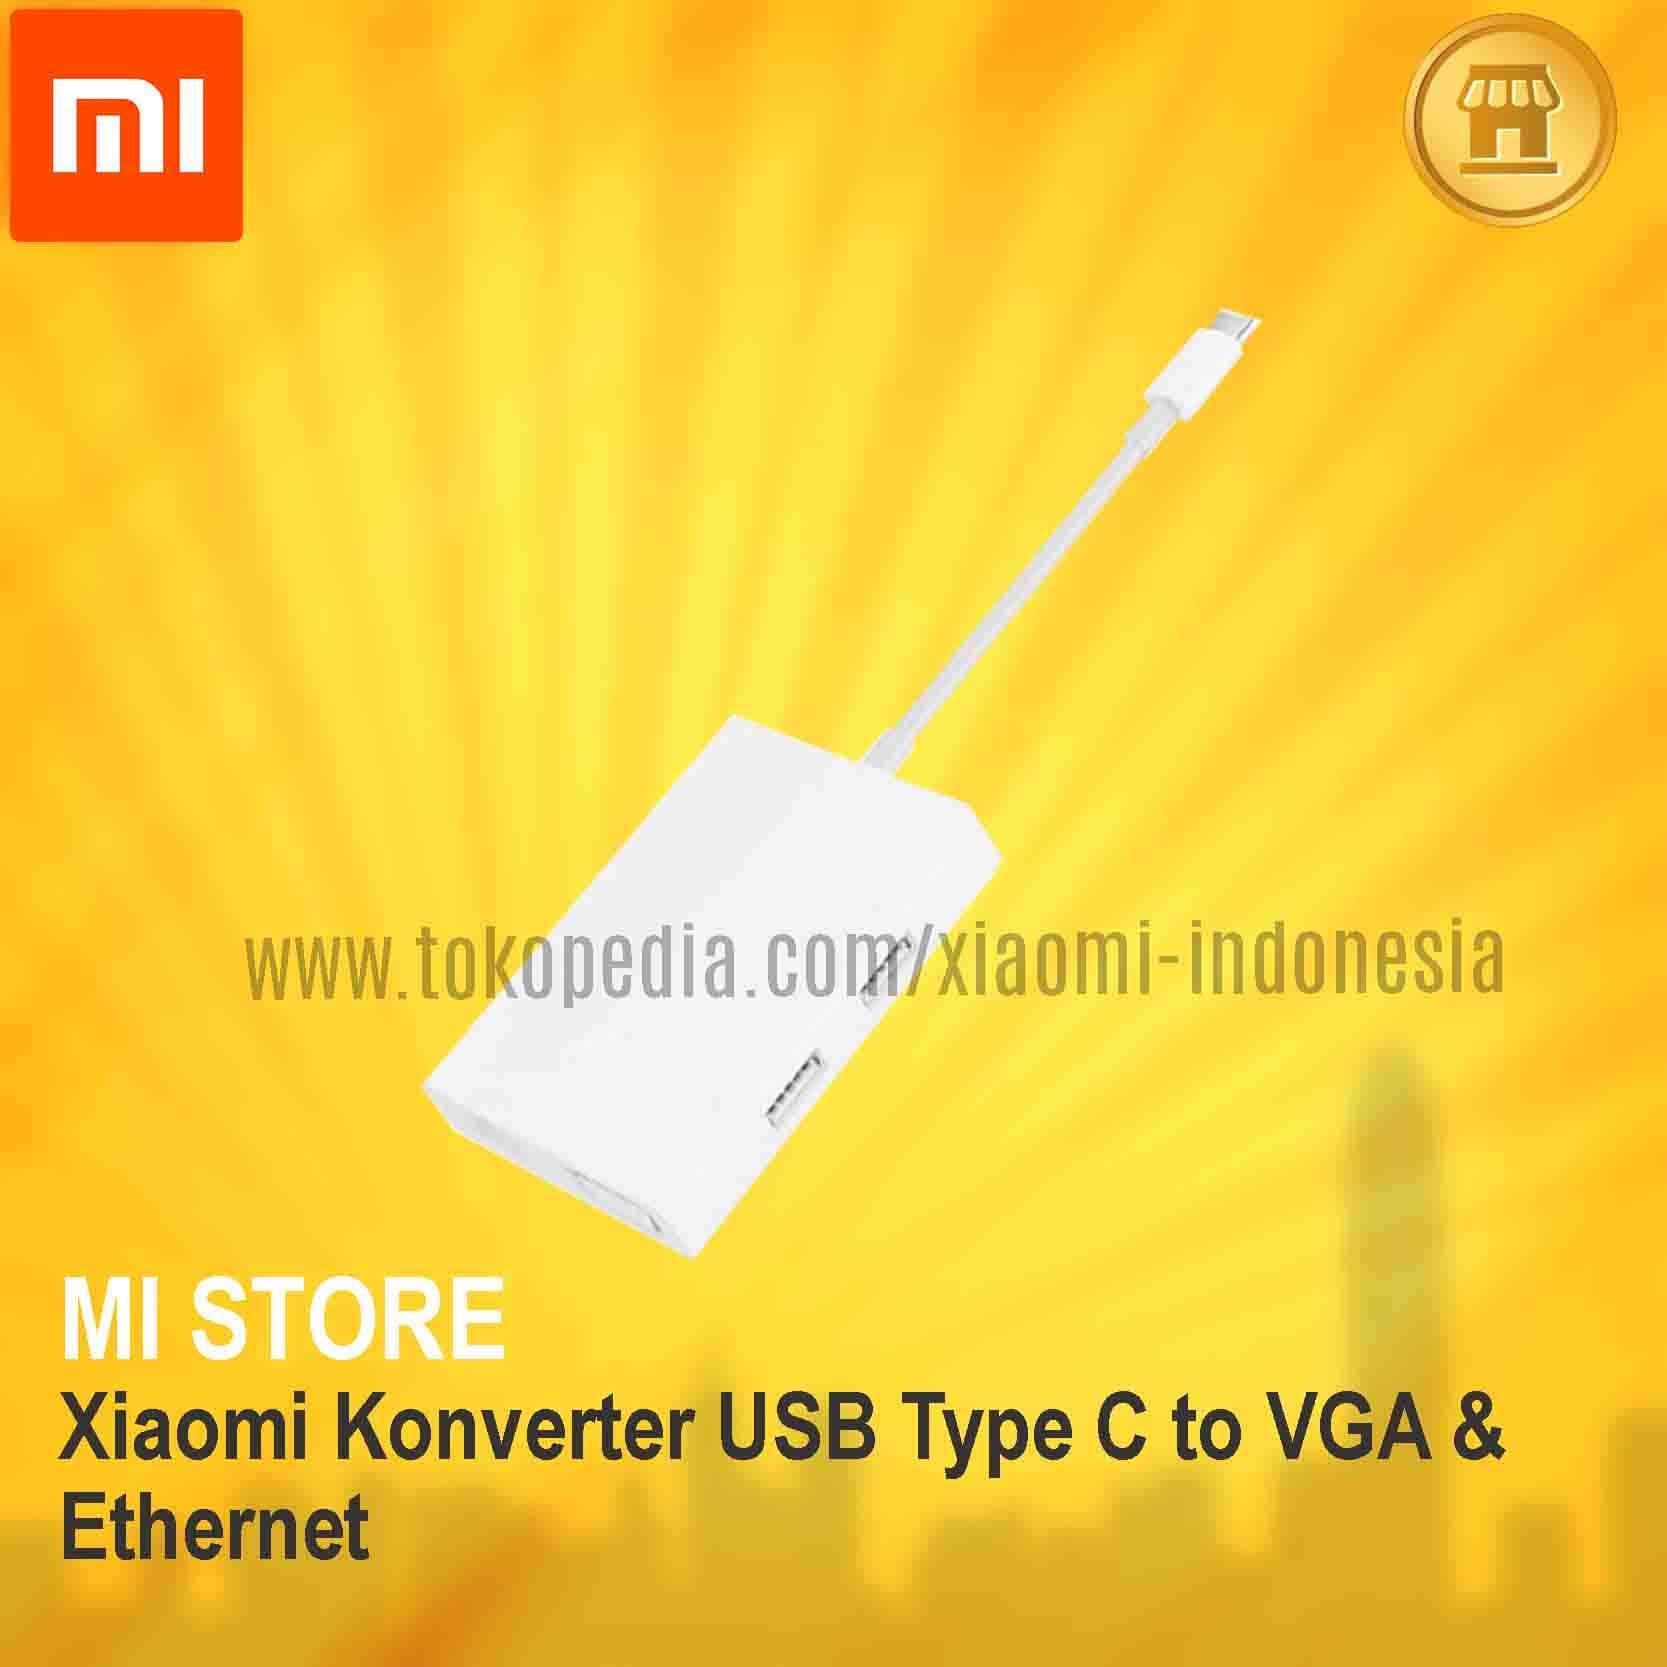 Xiaomi Konverter USB Type C to VGA & Ethernet